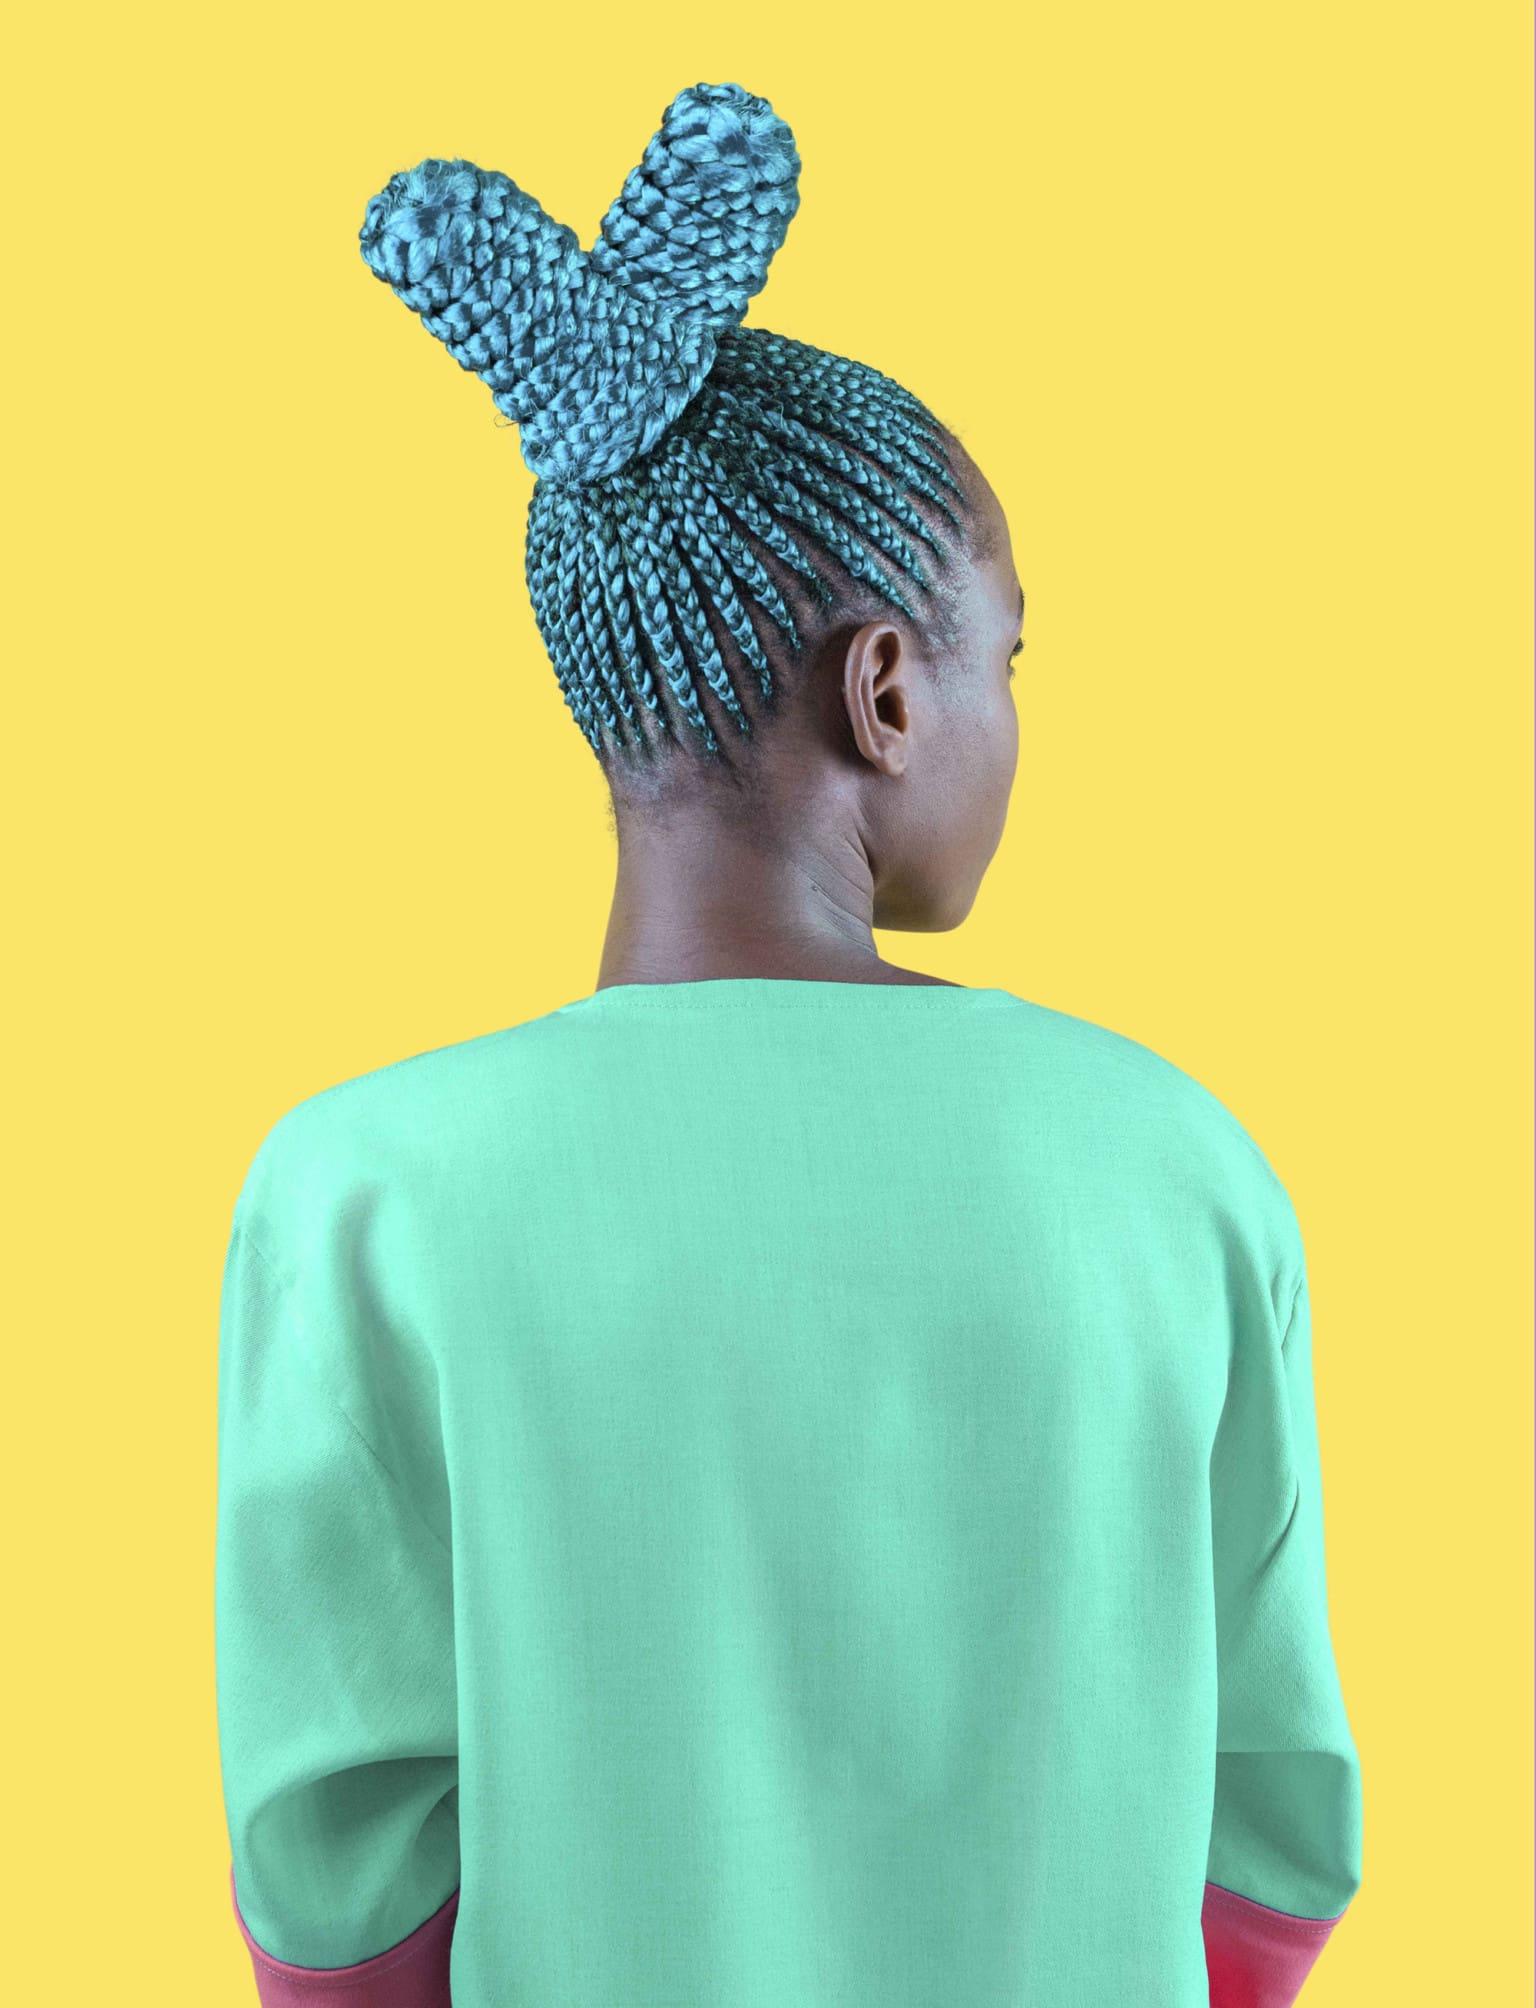 مدل موهای نیجریه ای جالب و جذاب